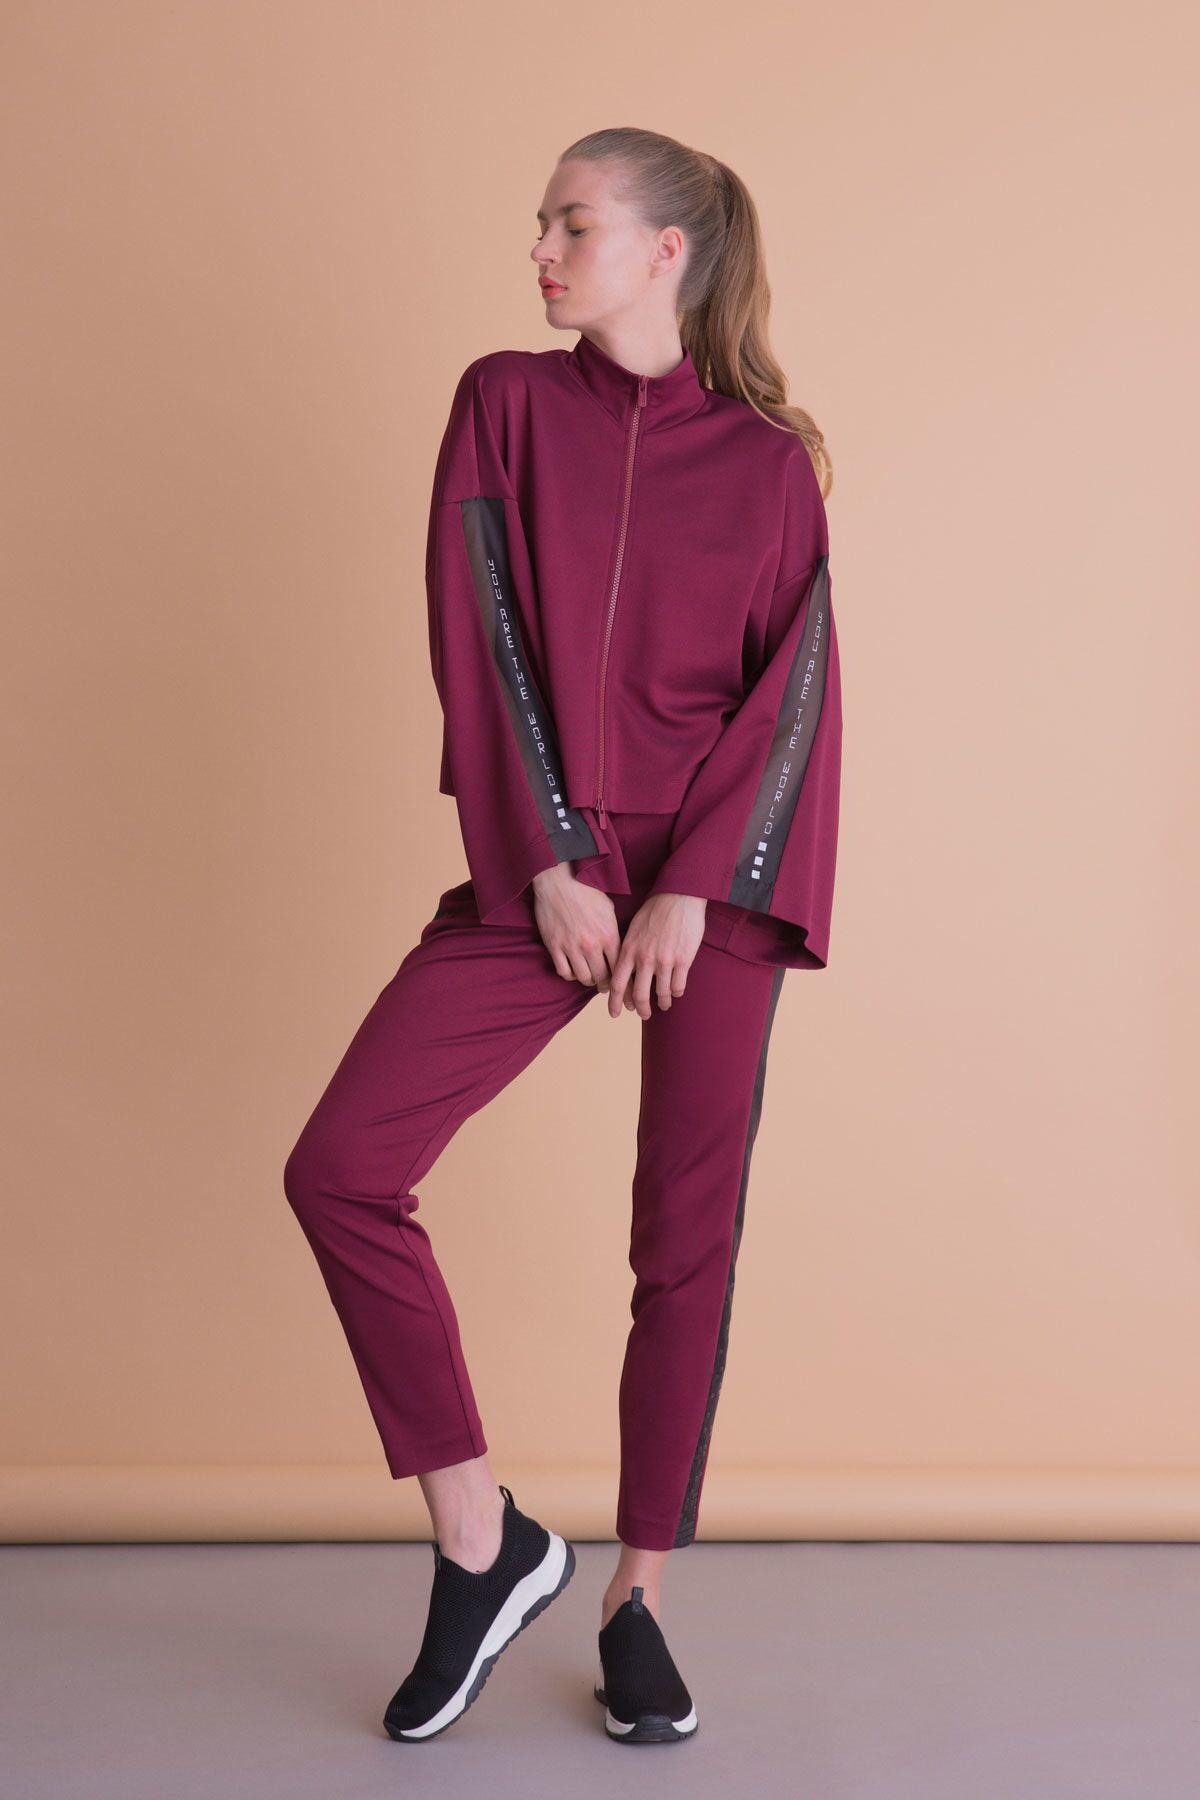 Kol Baskı Detaylı Bordo Fermuarlı Sweatshirt